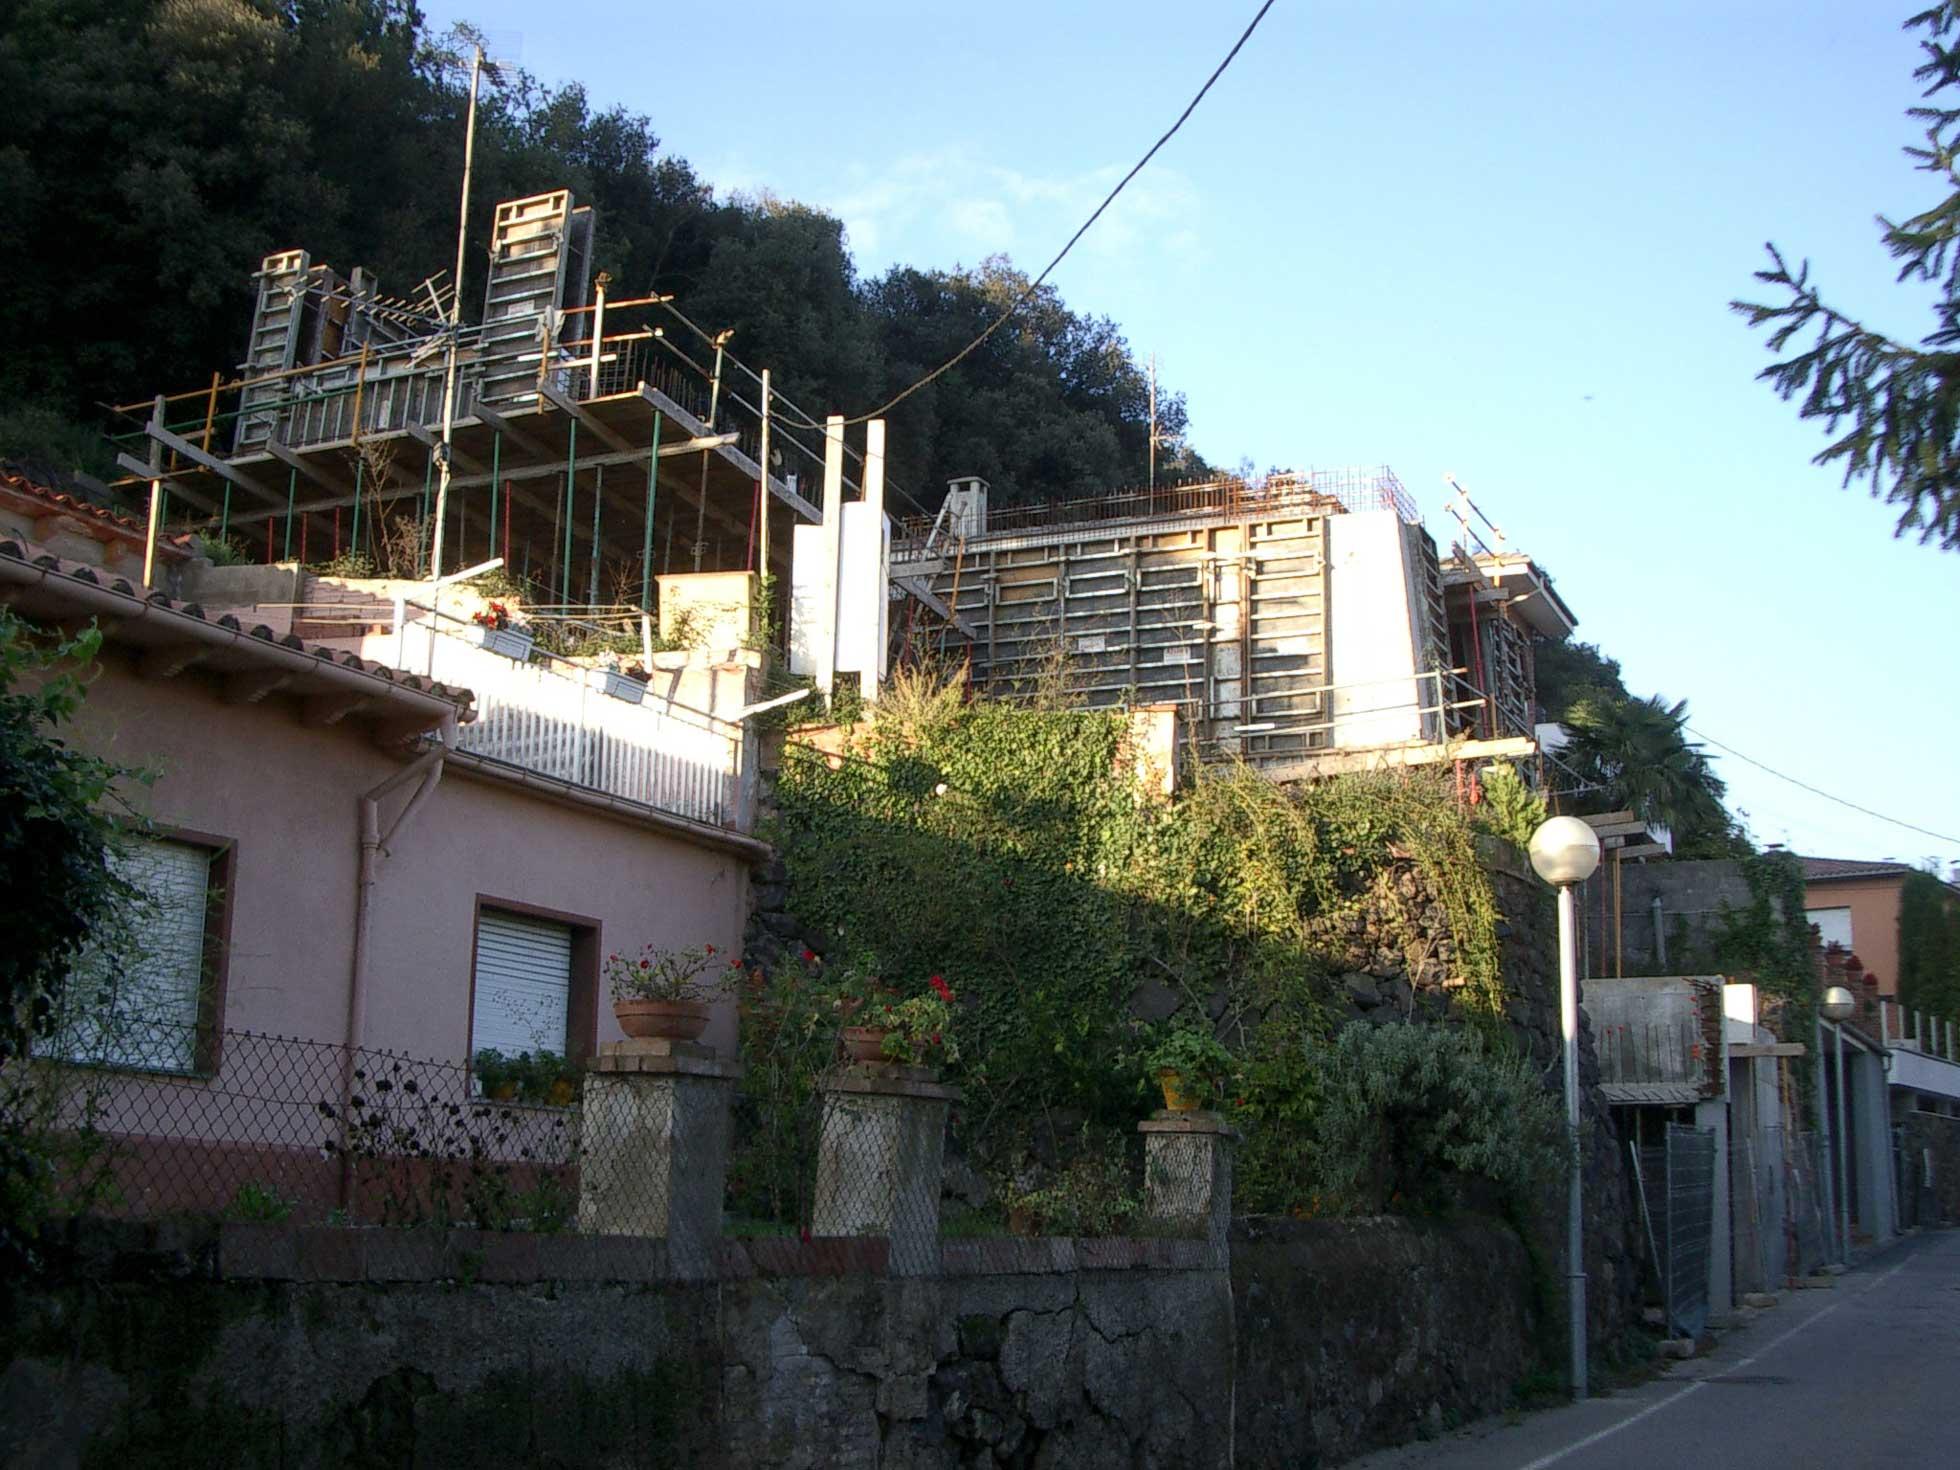 House for a carpenter 5